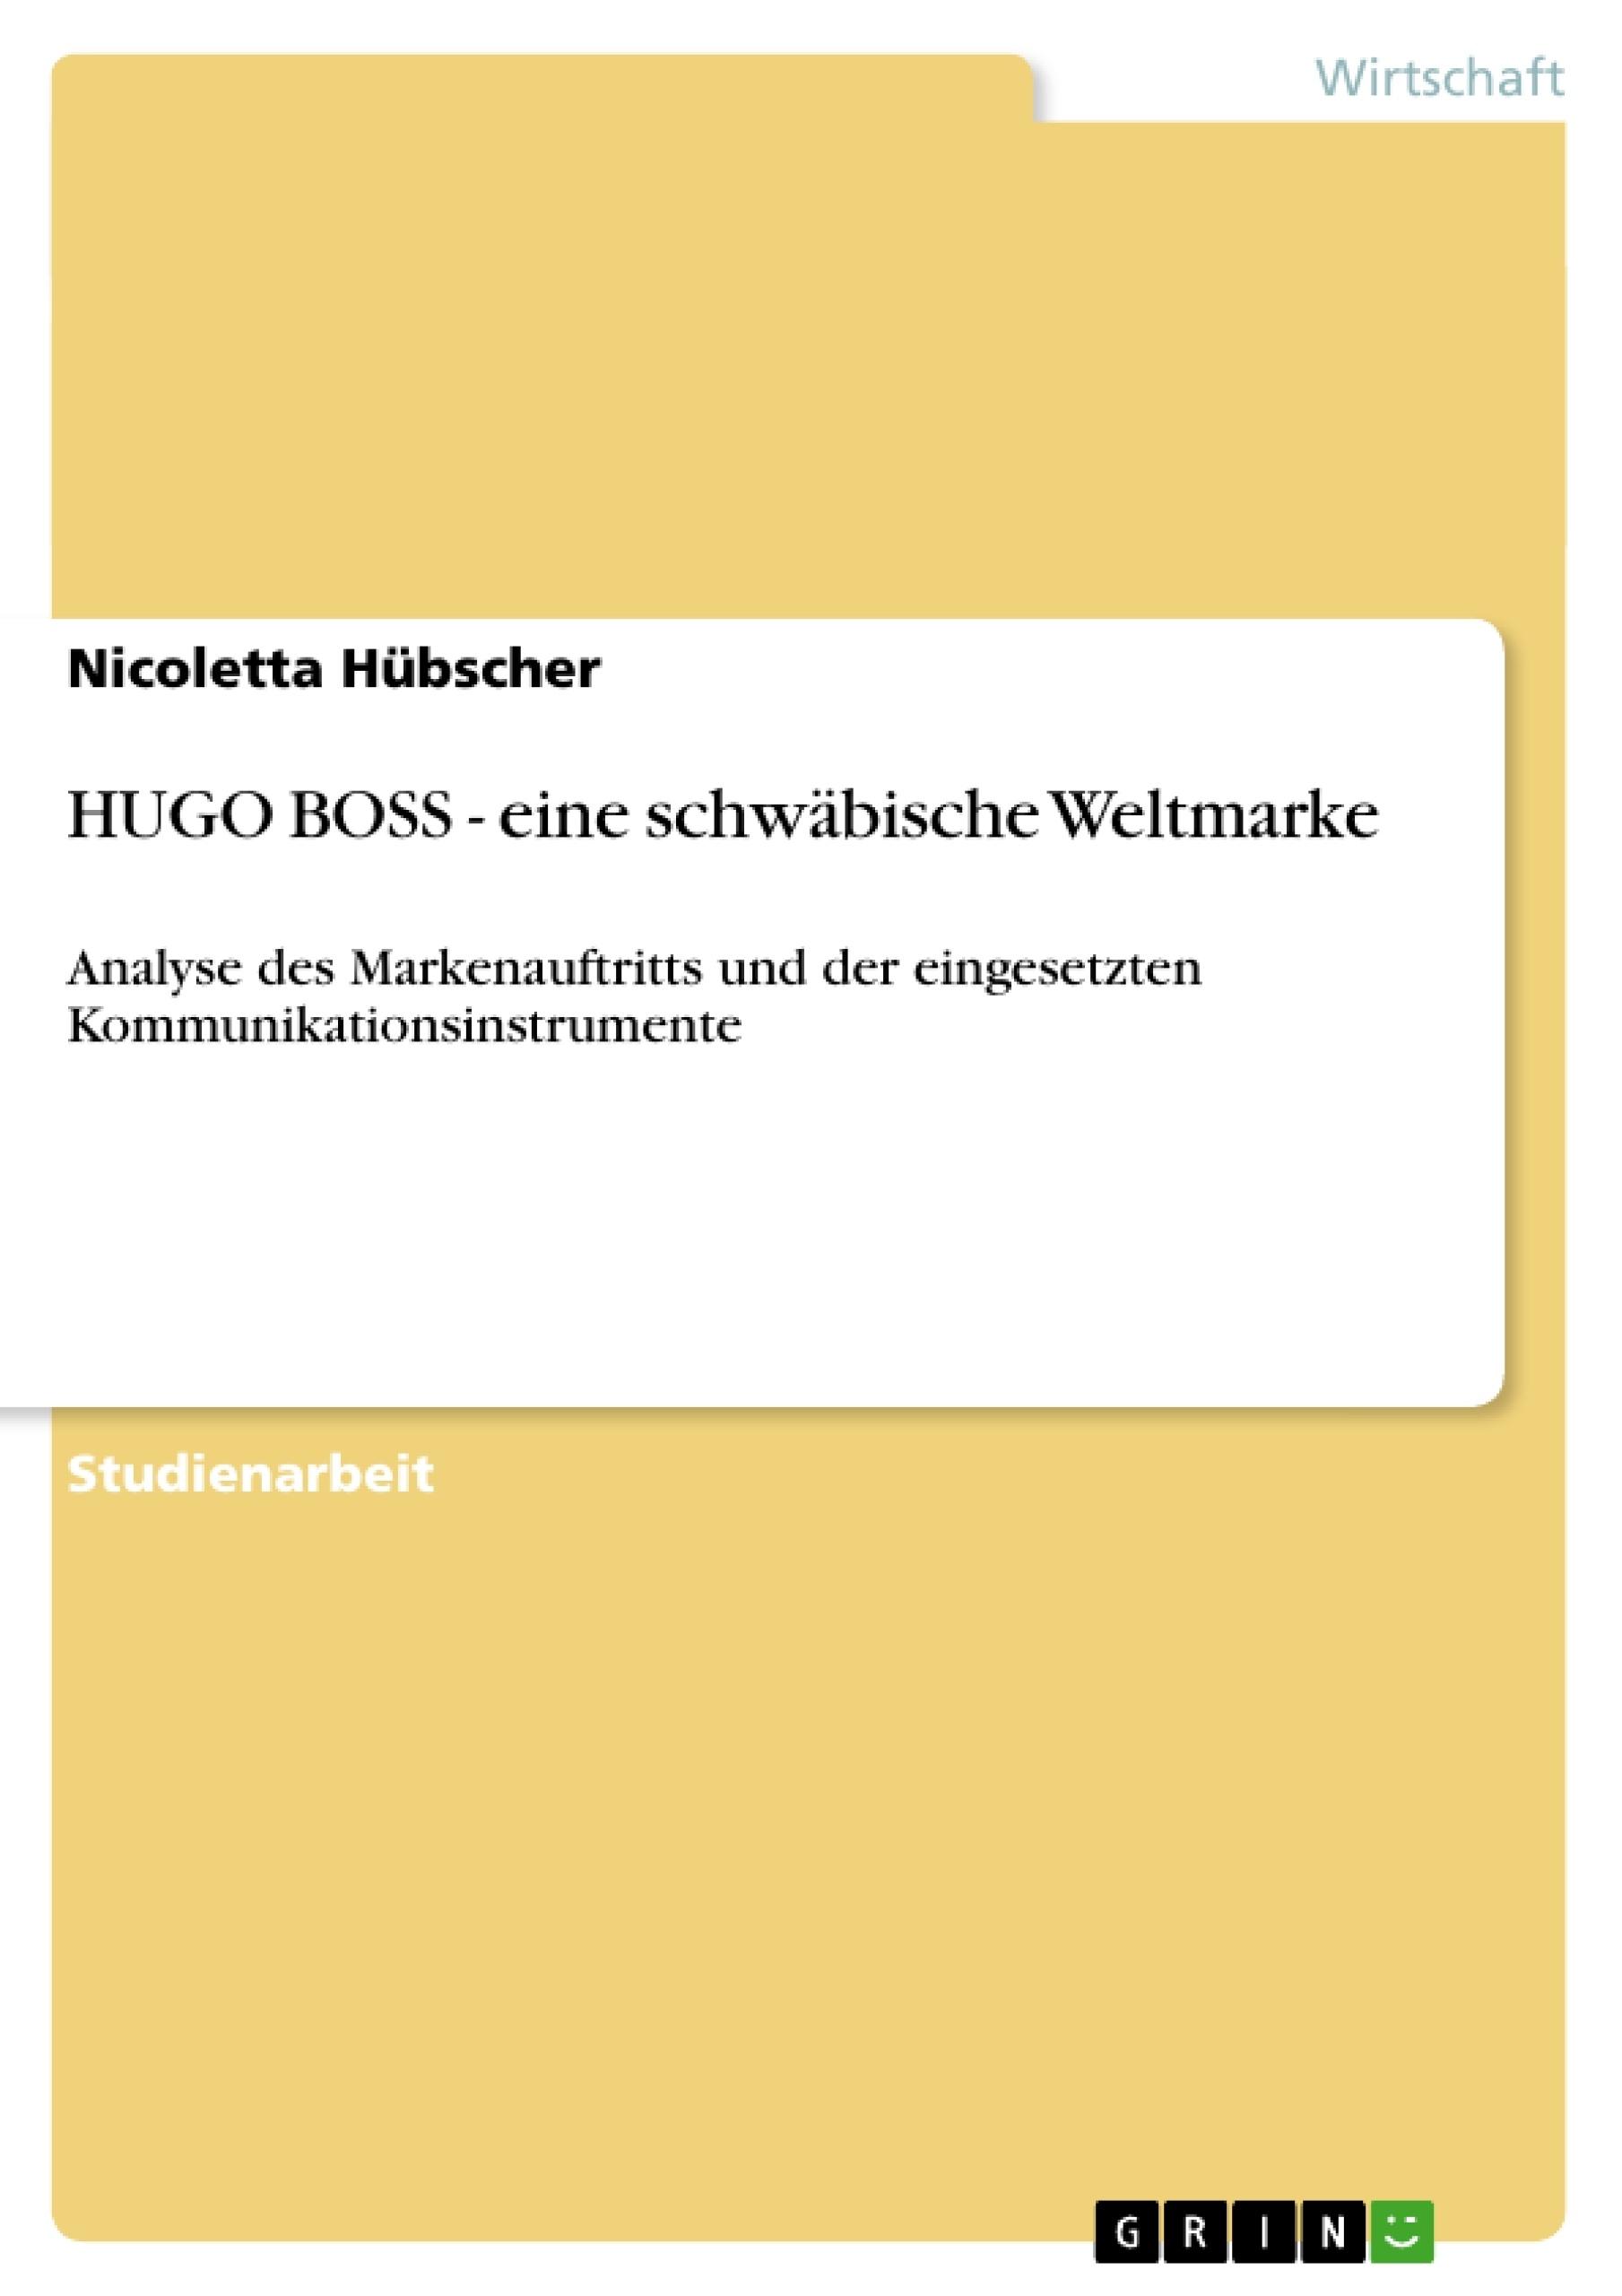 Titel: HUGO BOSS - eine schwäbische Weltmarke